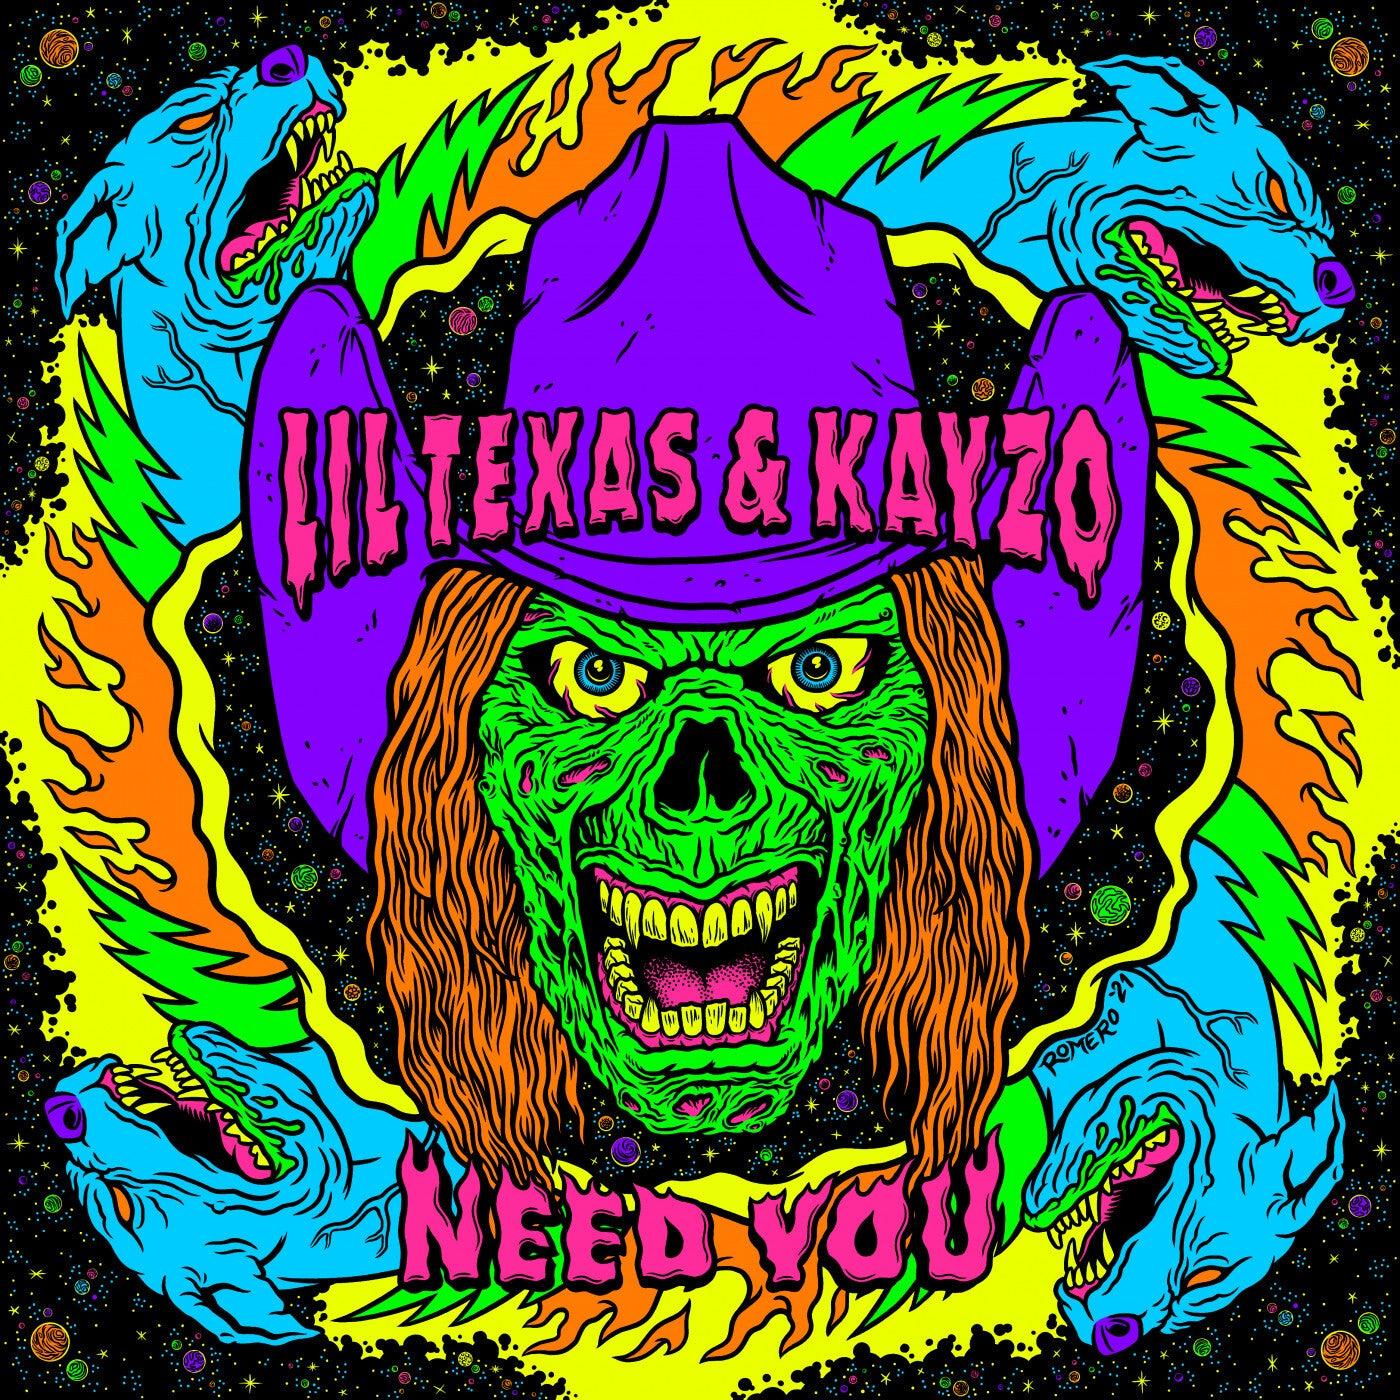 Need You (Original Mix)